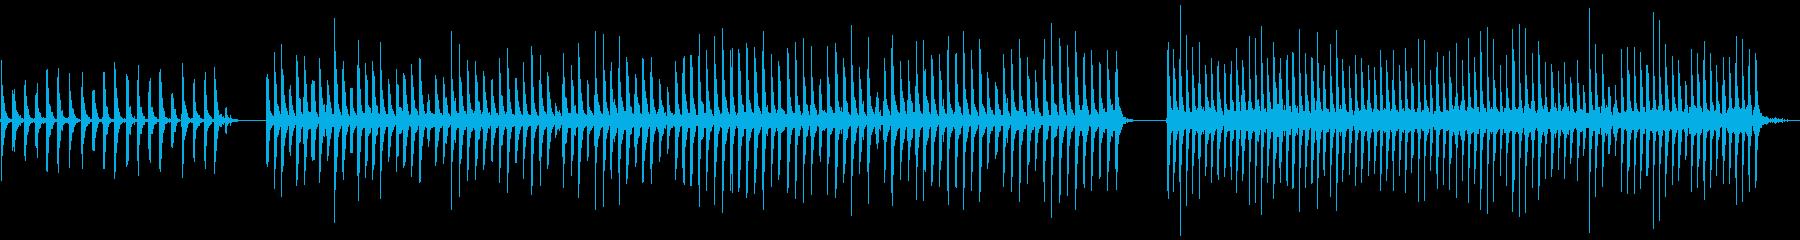 タンブリン、メタル、ジングルベル、...の再生済みの波形